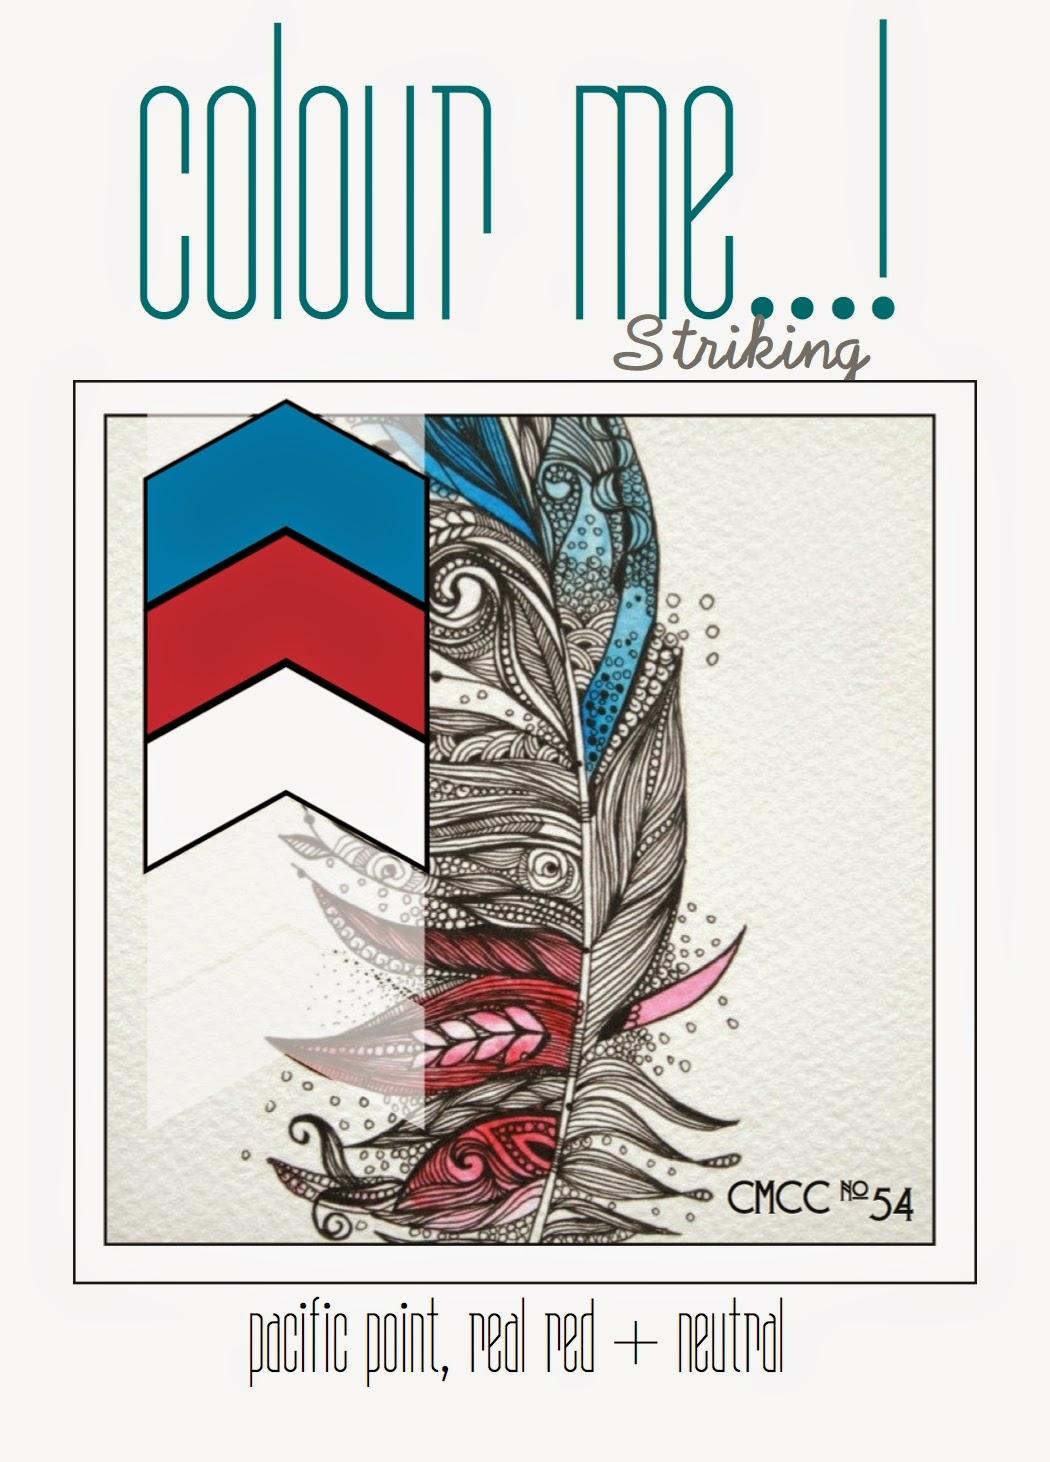 http://colourmecardchallenge.blogspot.com/2015/01/cmcc54-colour-me-striking.html